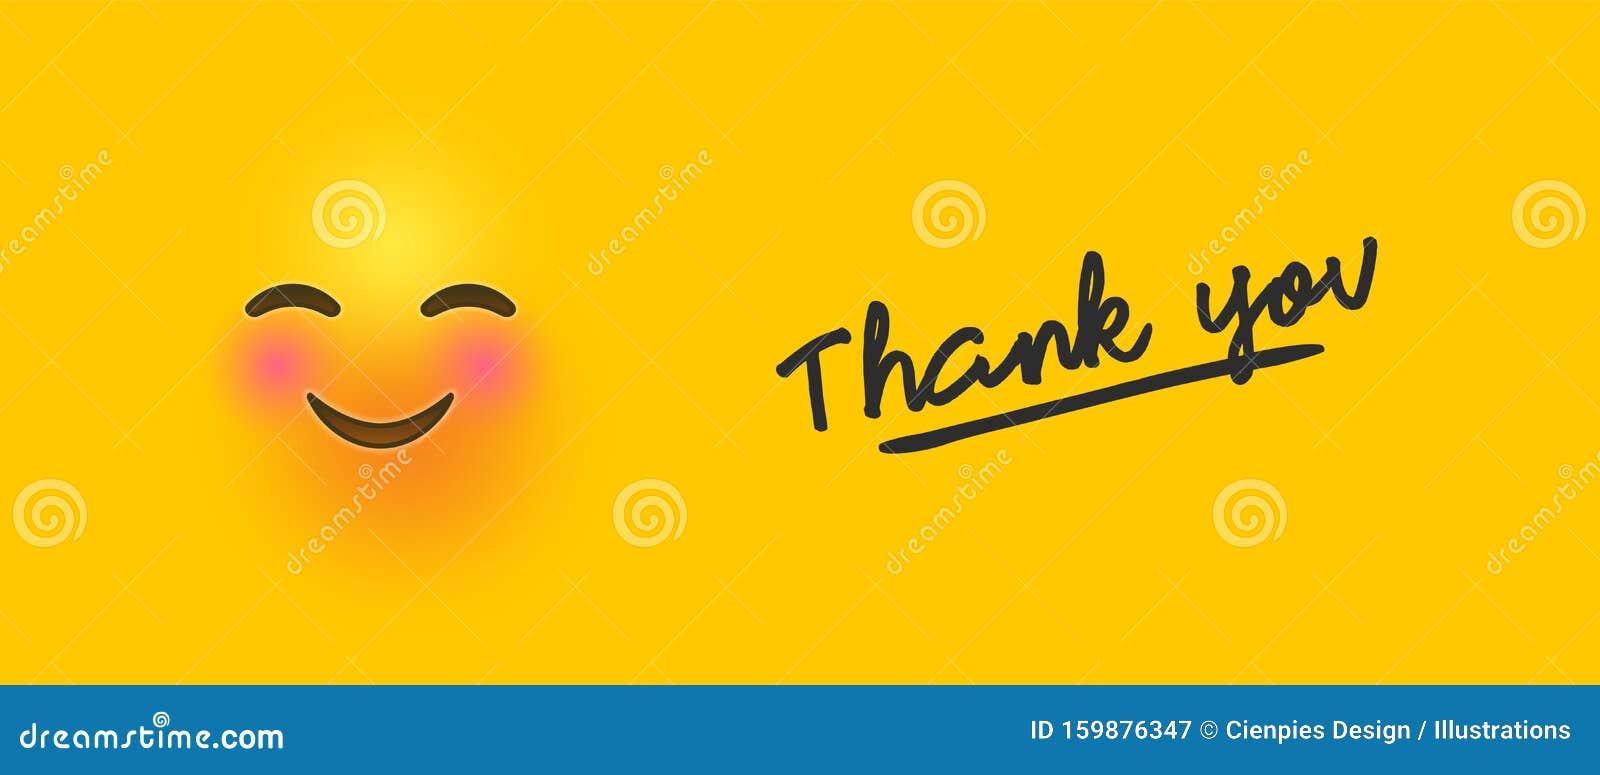 Danke smiley 🙂 Slightly